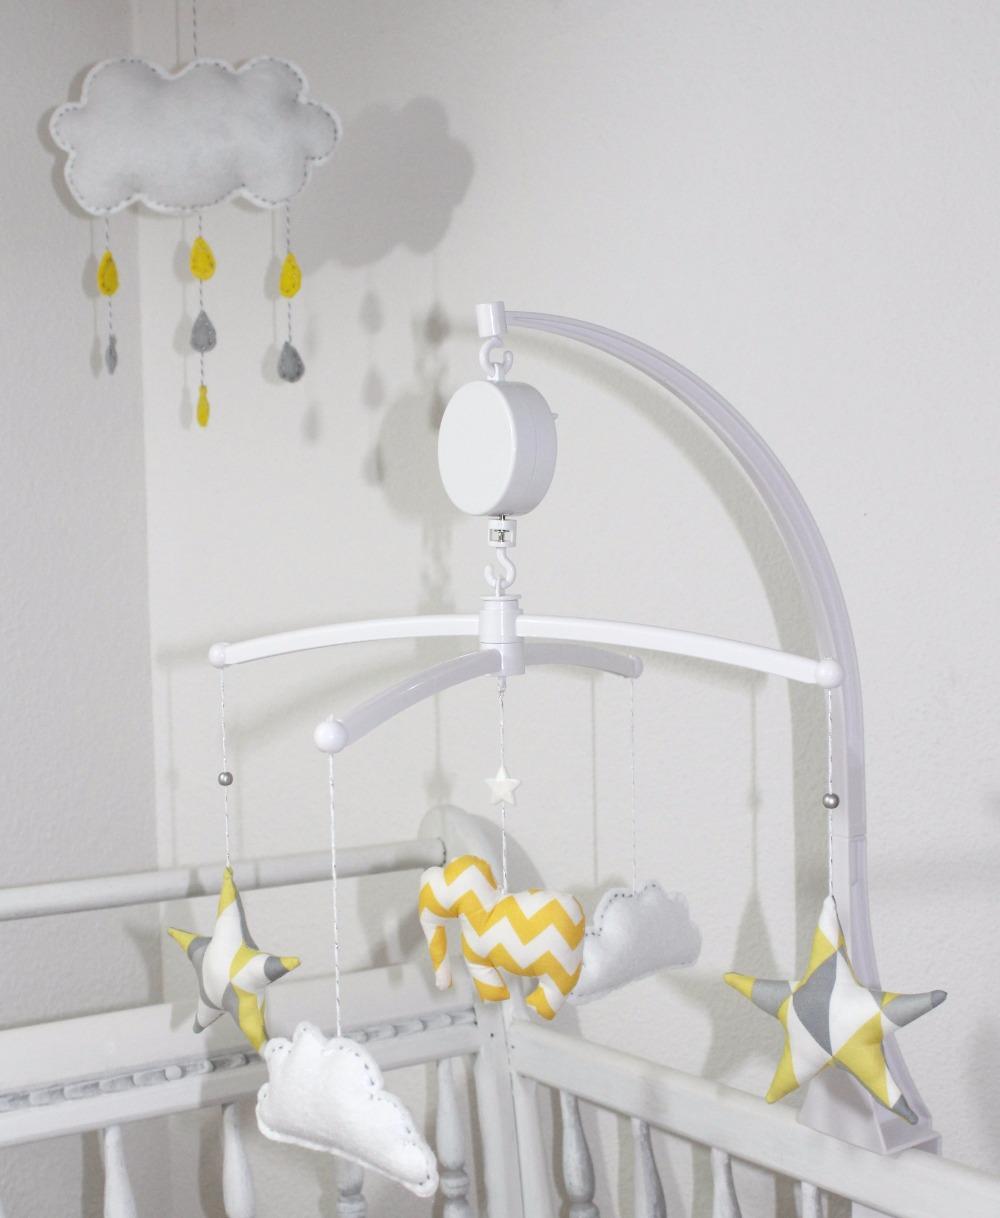 Mobile_Eléphant_étoiles_et_nuages_jaune,_gris,_blanc_+_mobile_nuage_edited.jpg